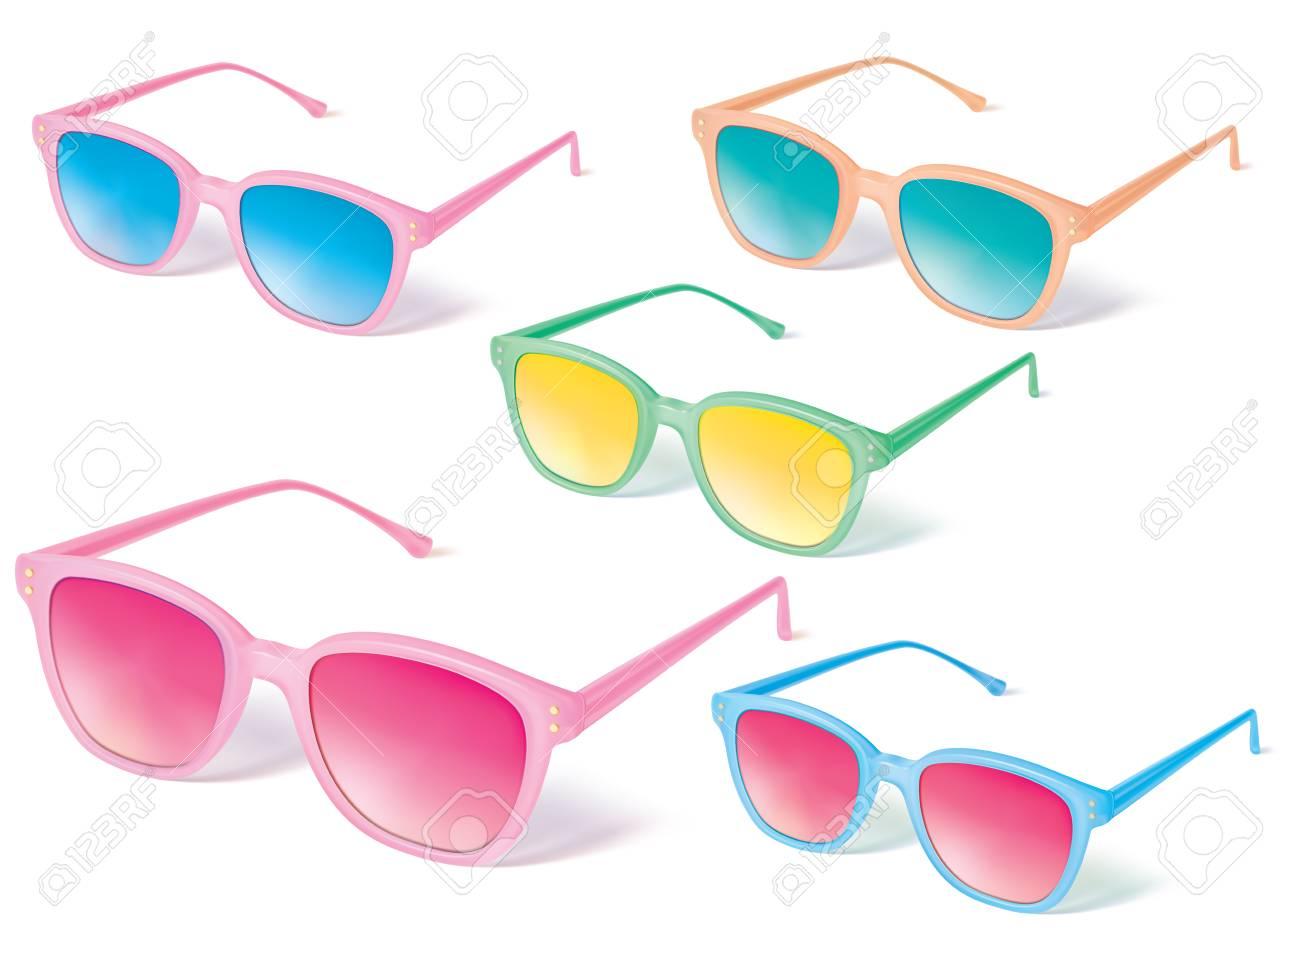 Gafas De Sol Conjunto De Iconos Vectoriales. Ilustración Vectorial ...